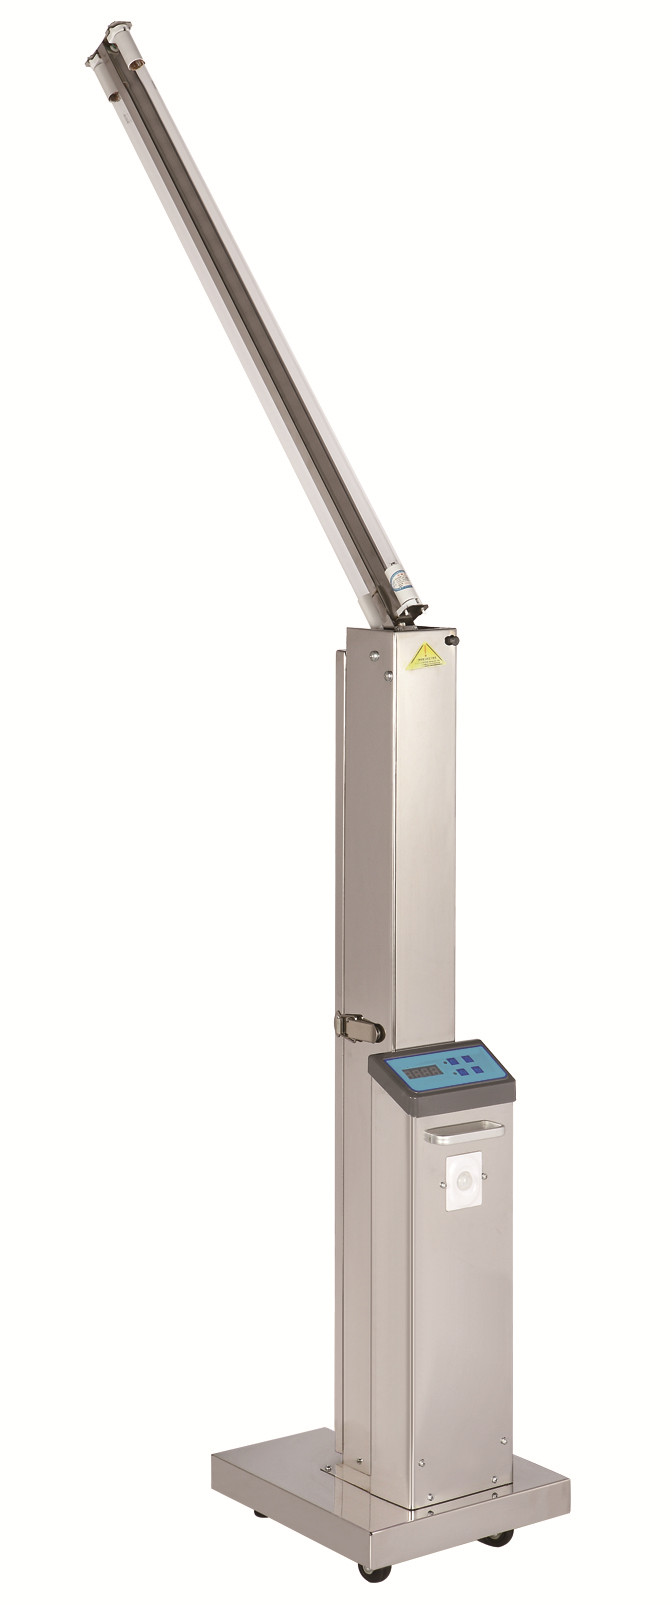 CARRELLO PER DISINFEZIONE A LAMPADA UVC CON OZONO (NLUVZXC60A)